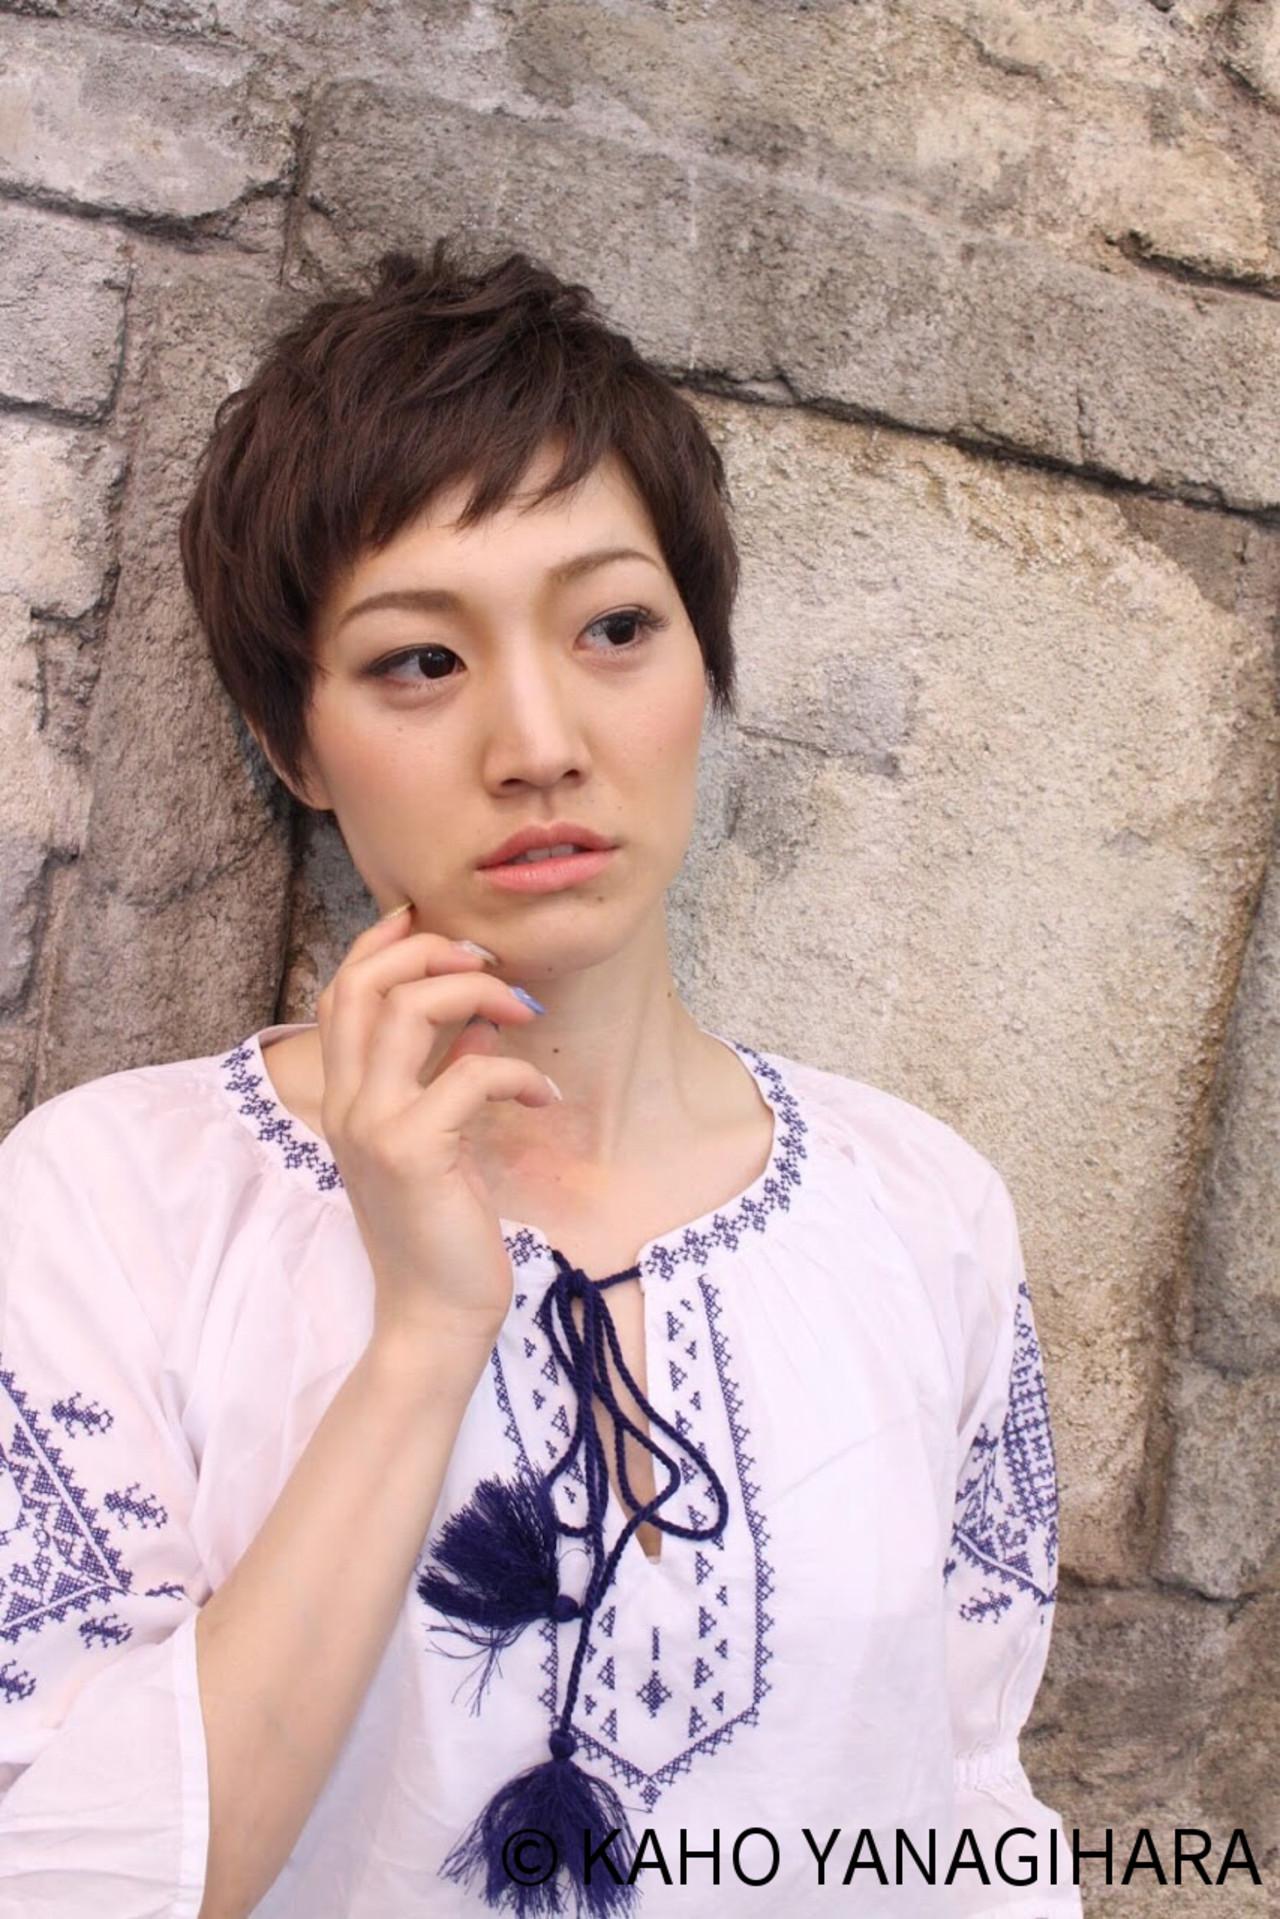 ベリーショート デート こなれ感 ショート ヘアスタイルや髪型の写真・画像 | KAHO YANAGIHARA /